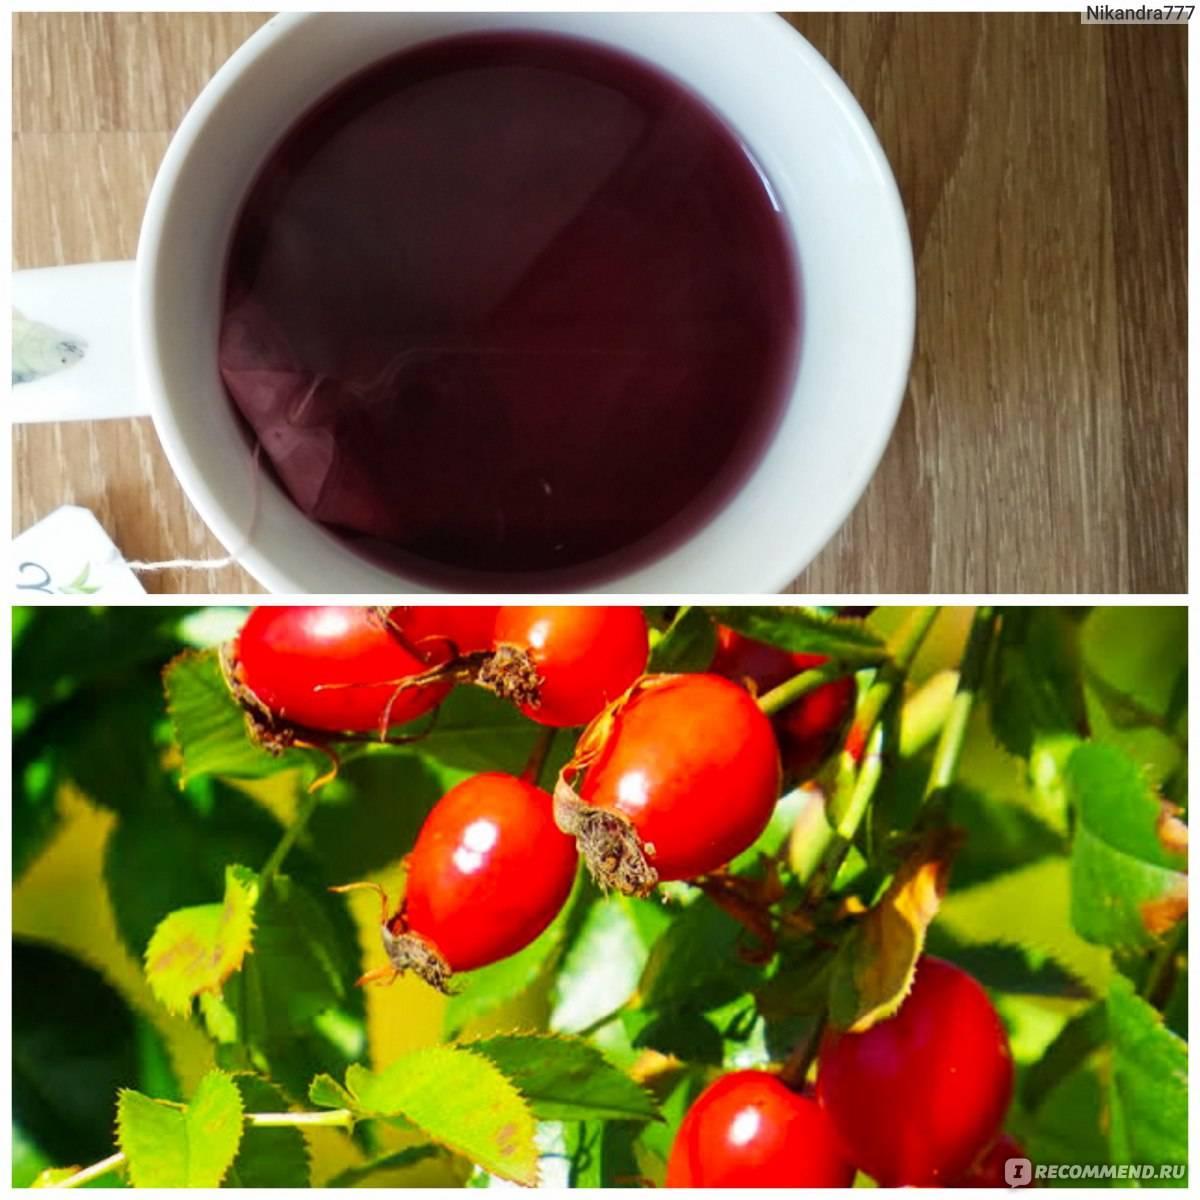 Чай с шиповником: полезные свойства и противопоказания